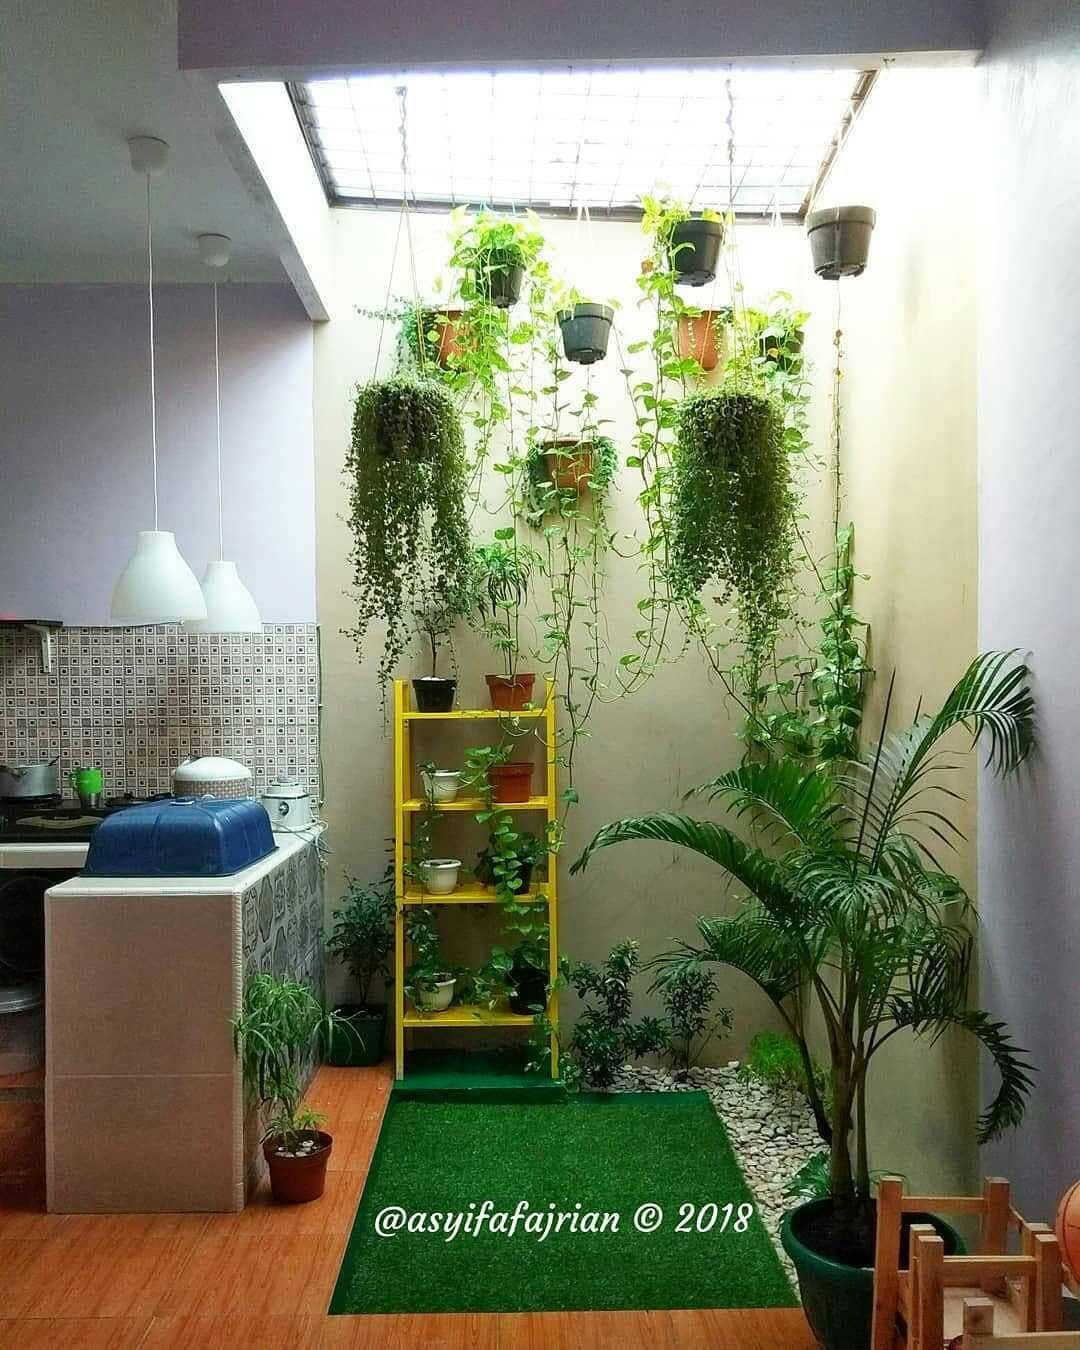 Pojokfavorit Inspirasi Pojok Favorit Asyifafajrian Inspirasi Rumah Cantik Lainny Desain Dapur Luar Ruangan Ide Halaman Belakang Rumah